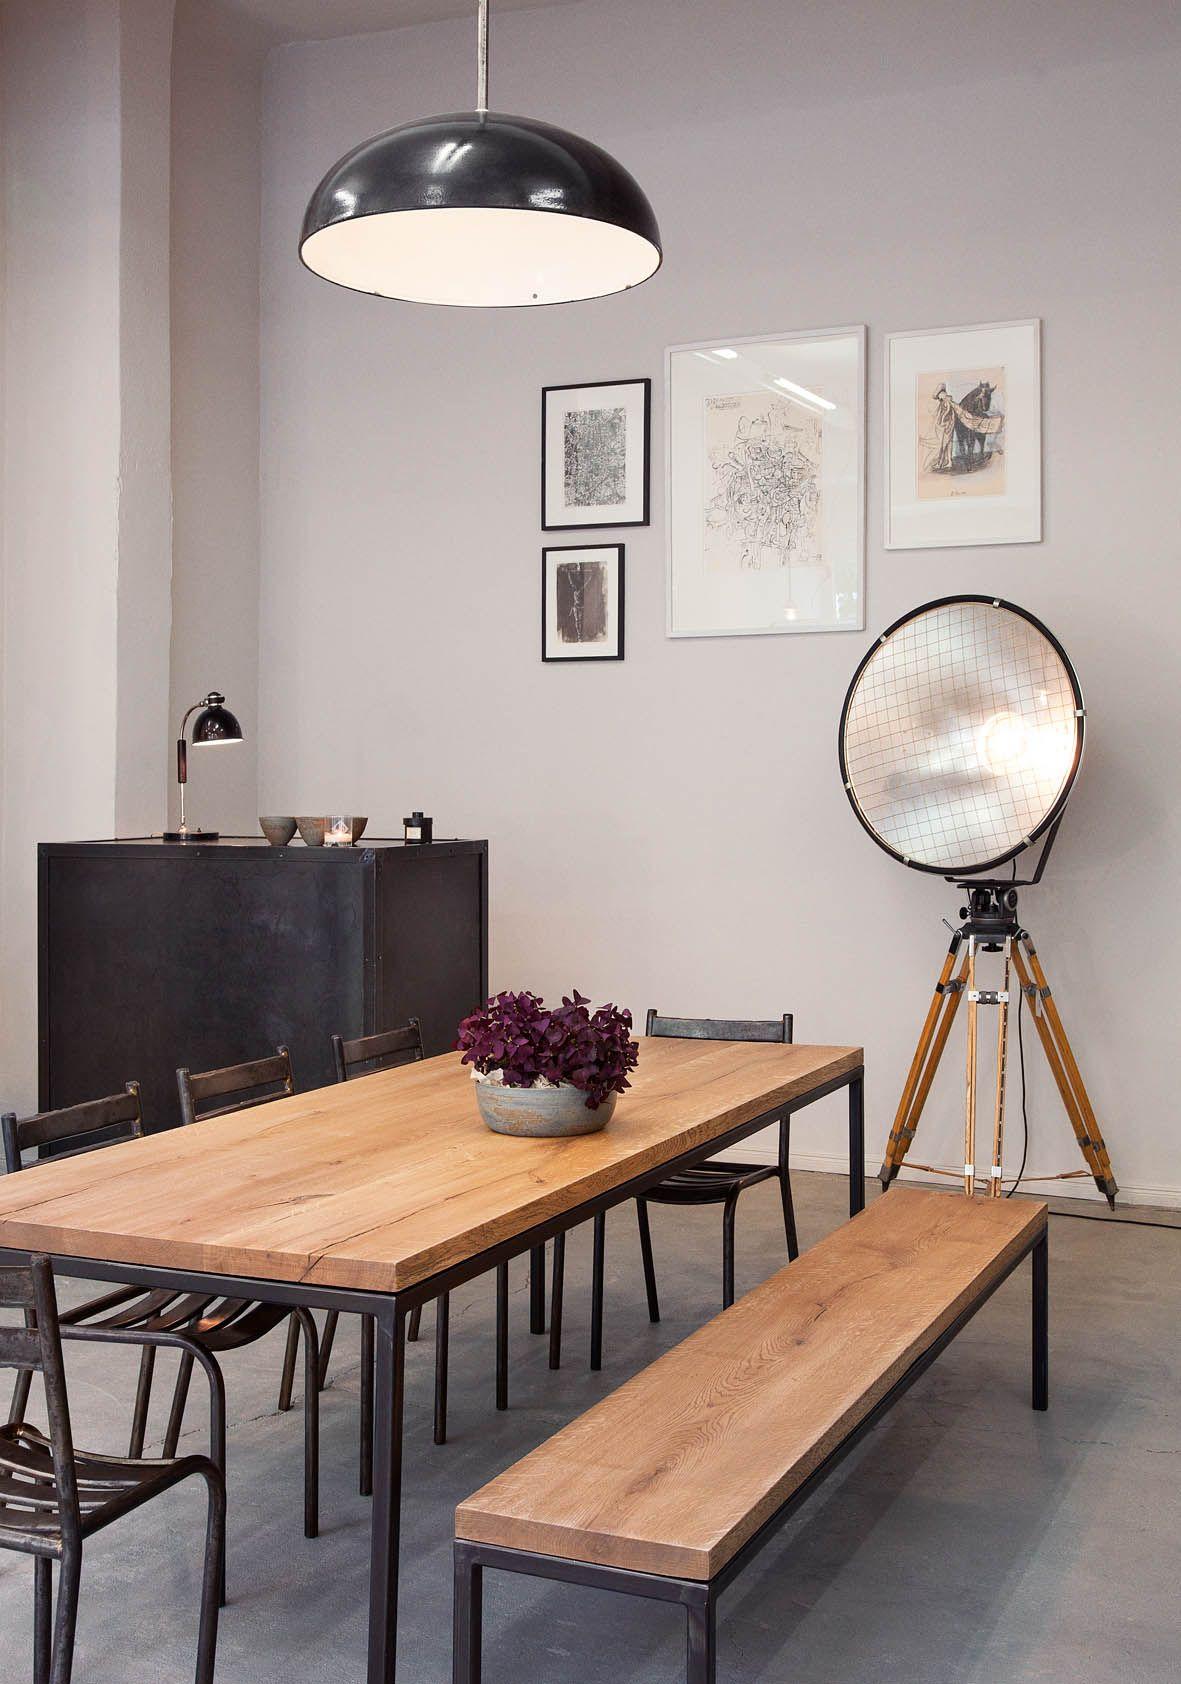 maison gro e sch ne esstische aus massivholz von objets trouv s e15 co ideen rund ums haus. Black Bedroom Furniture Sets. Home Design Ideas